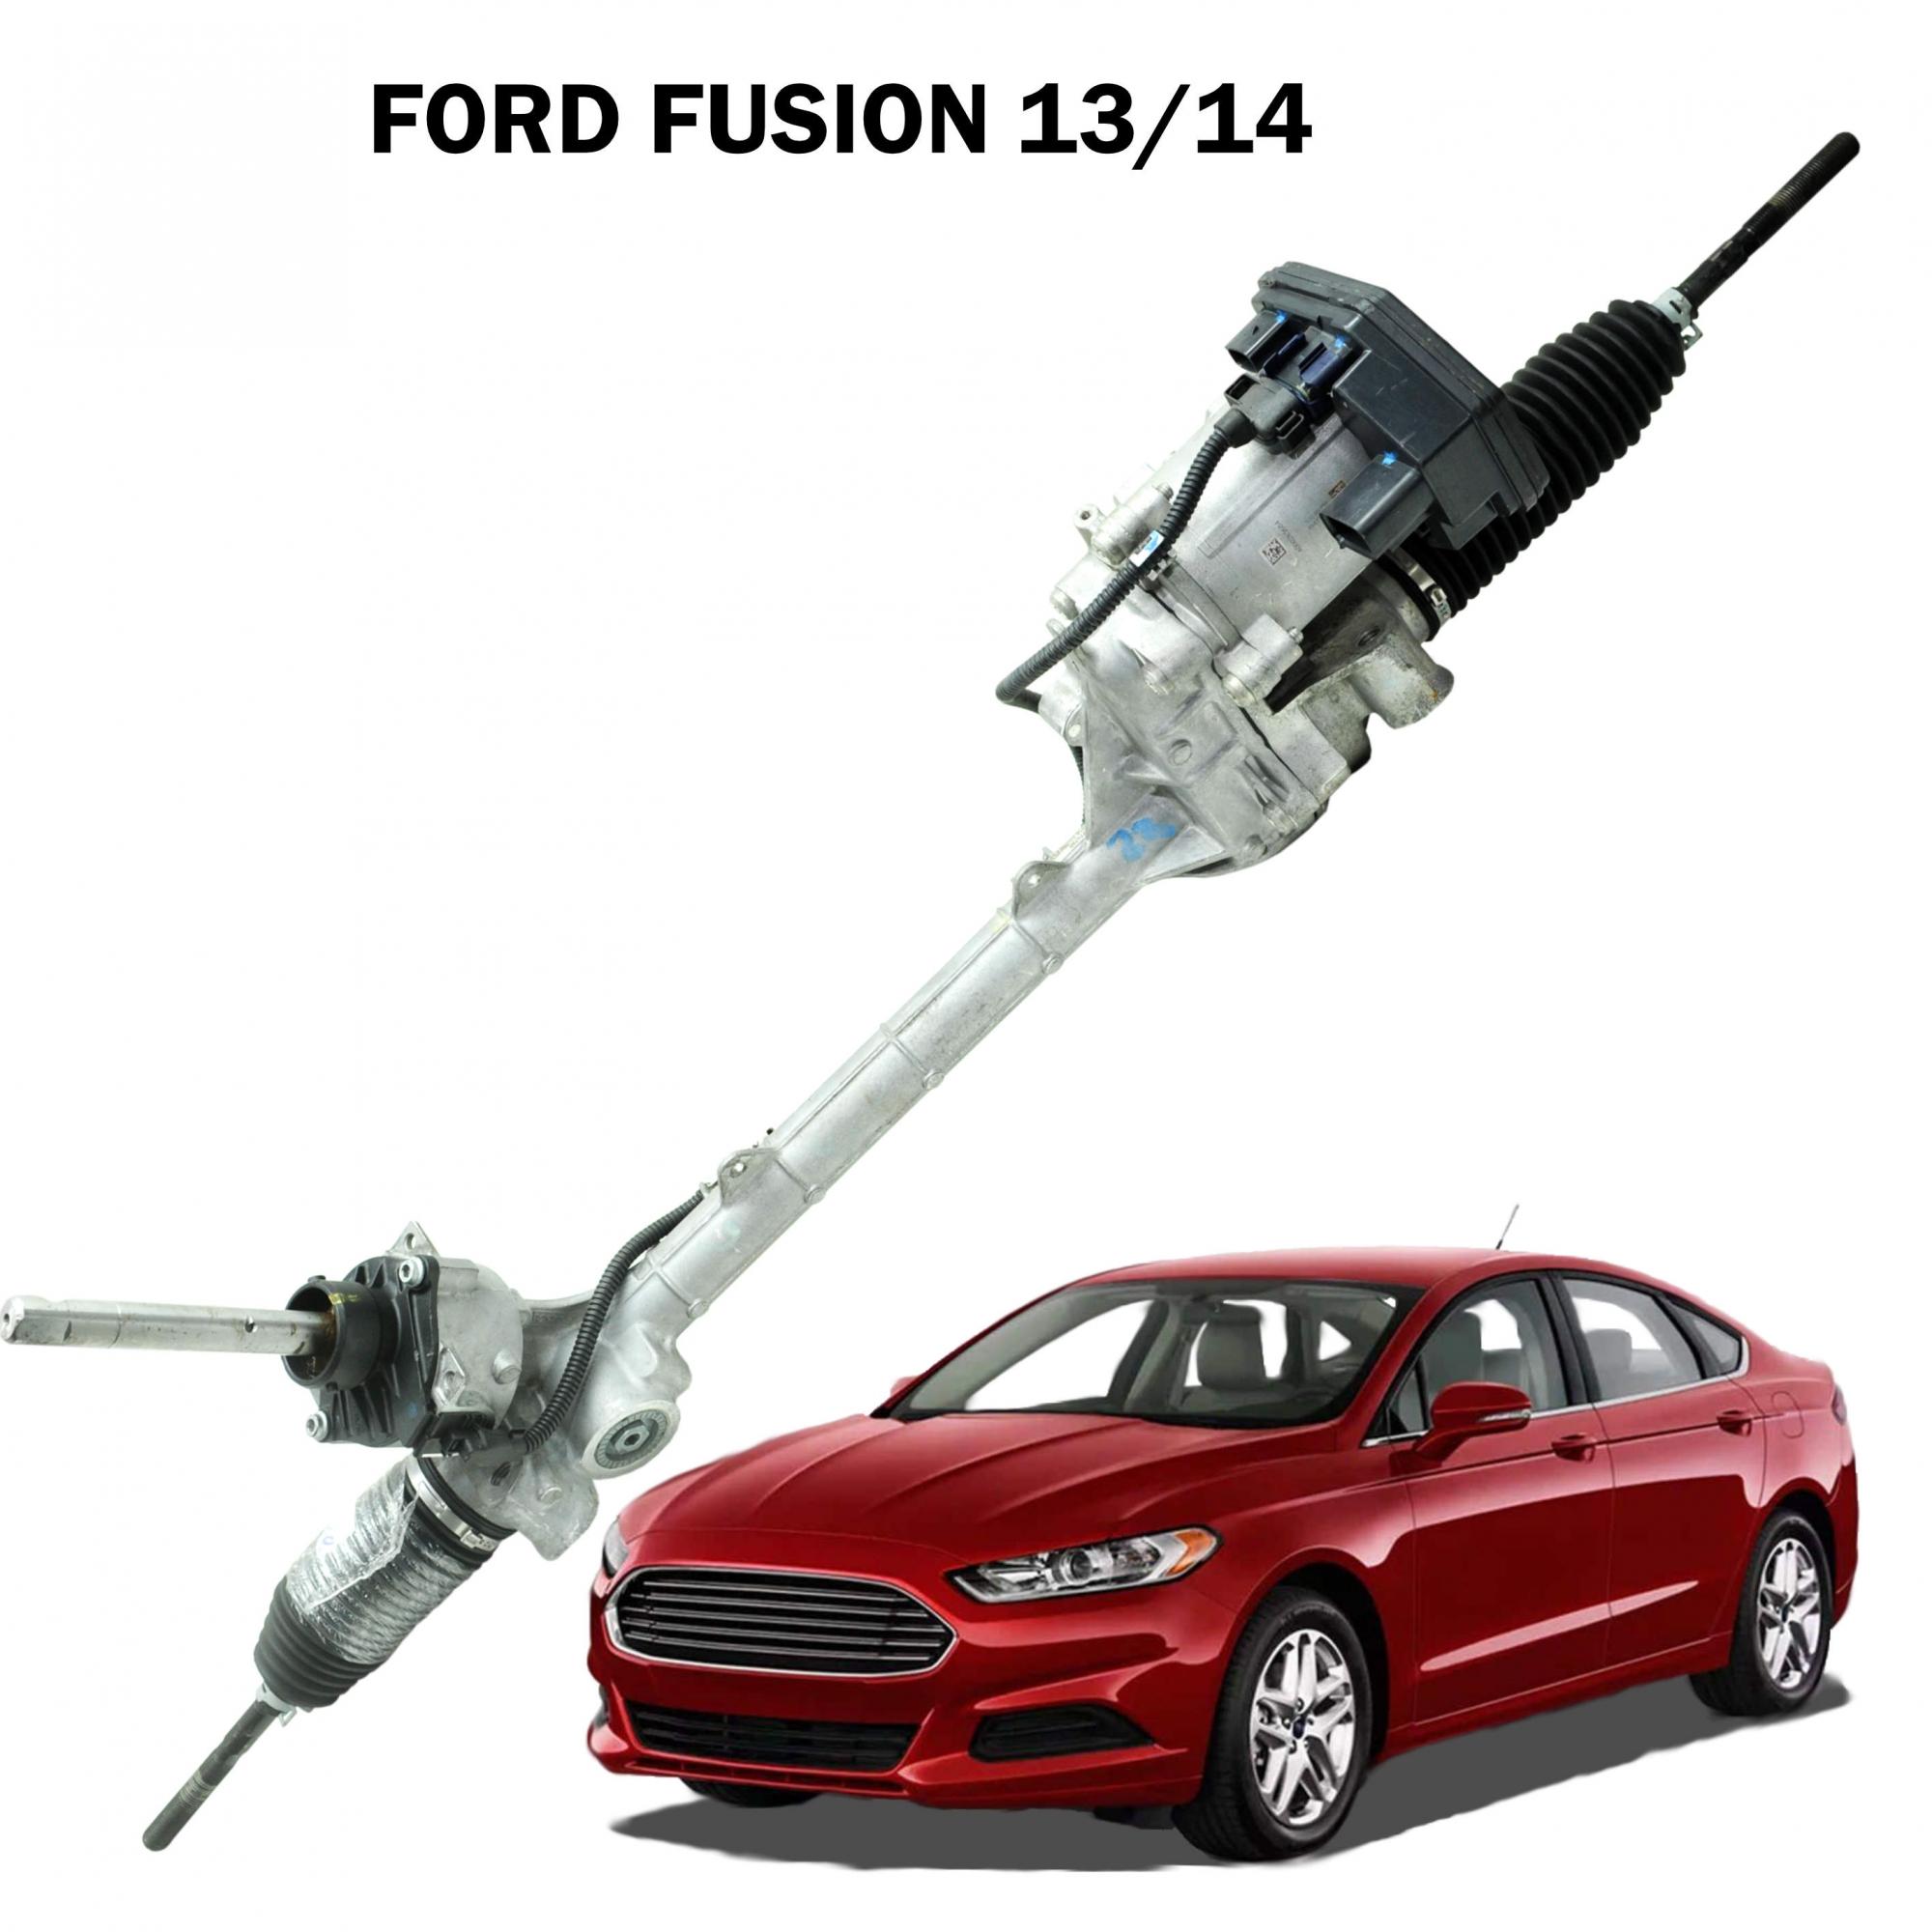 Caixa Direção Elétrica Ford Fusion 2013/2014 FG9C3D080AA